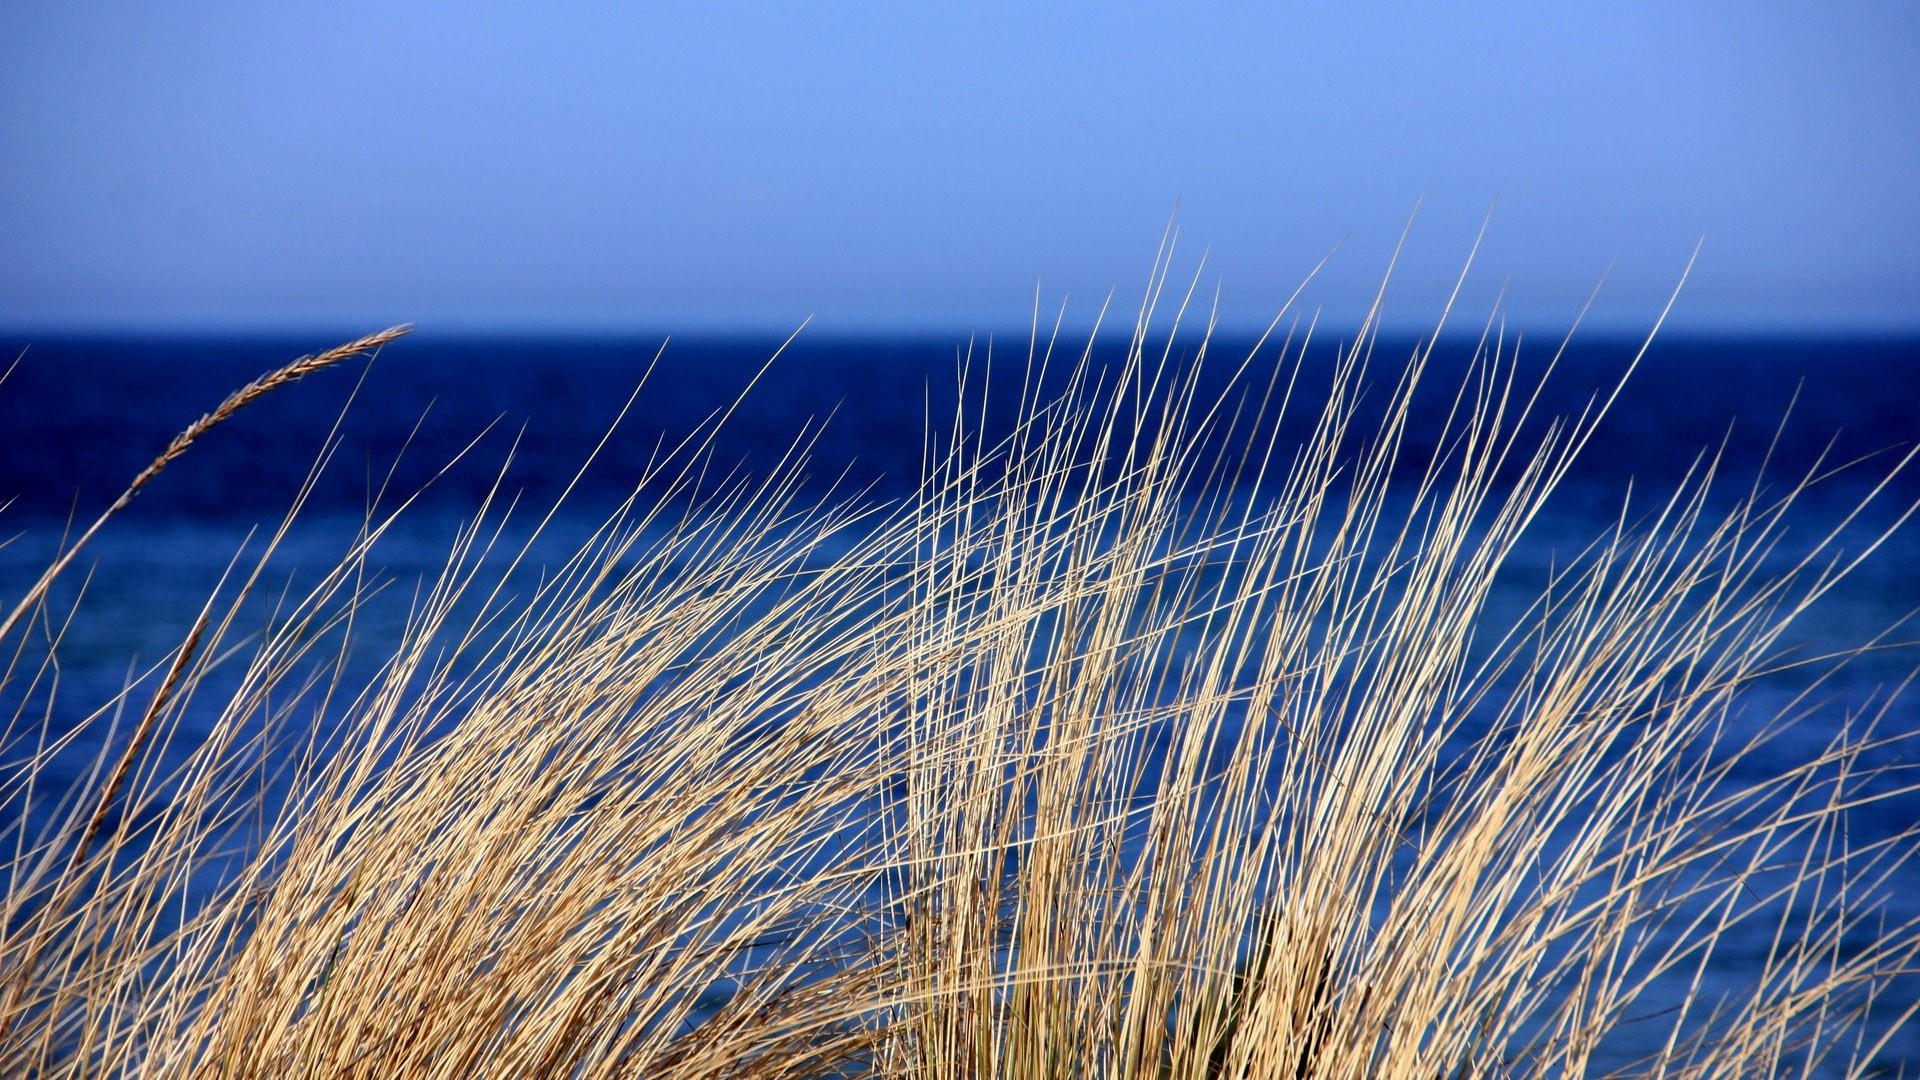 Seagrass Desktop wallpaper